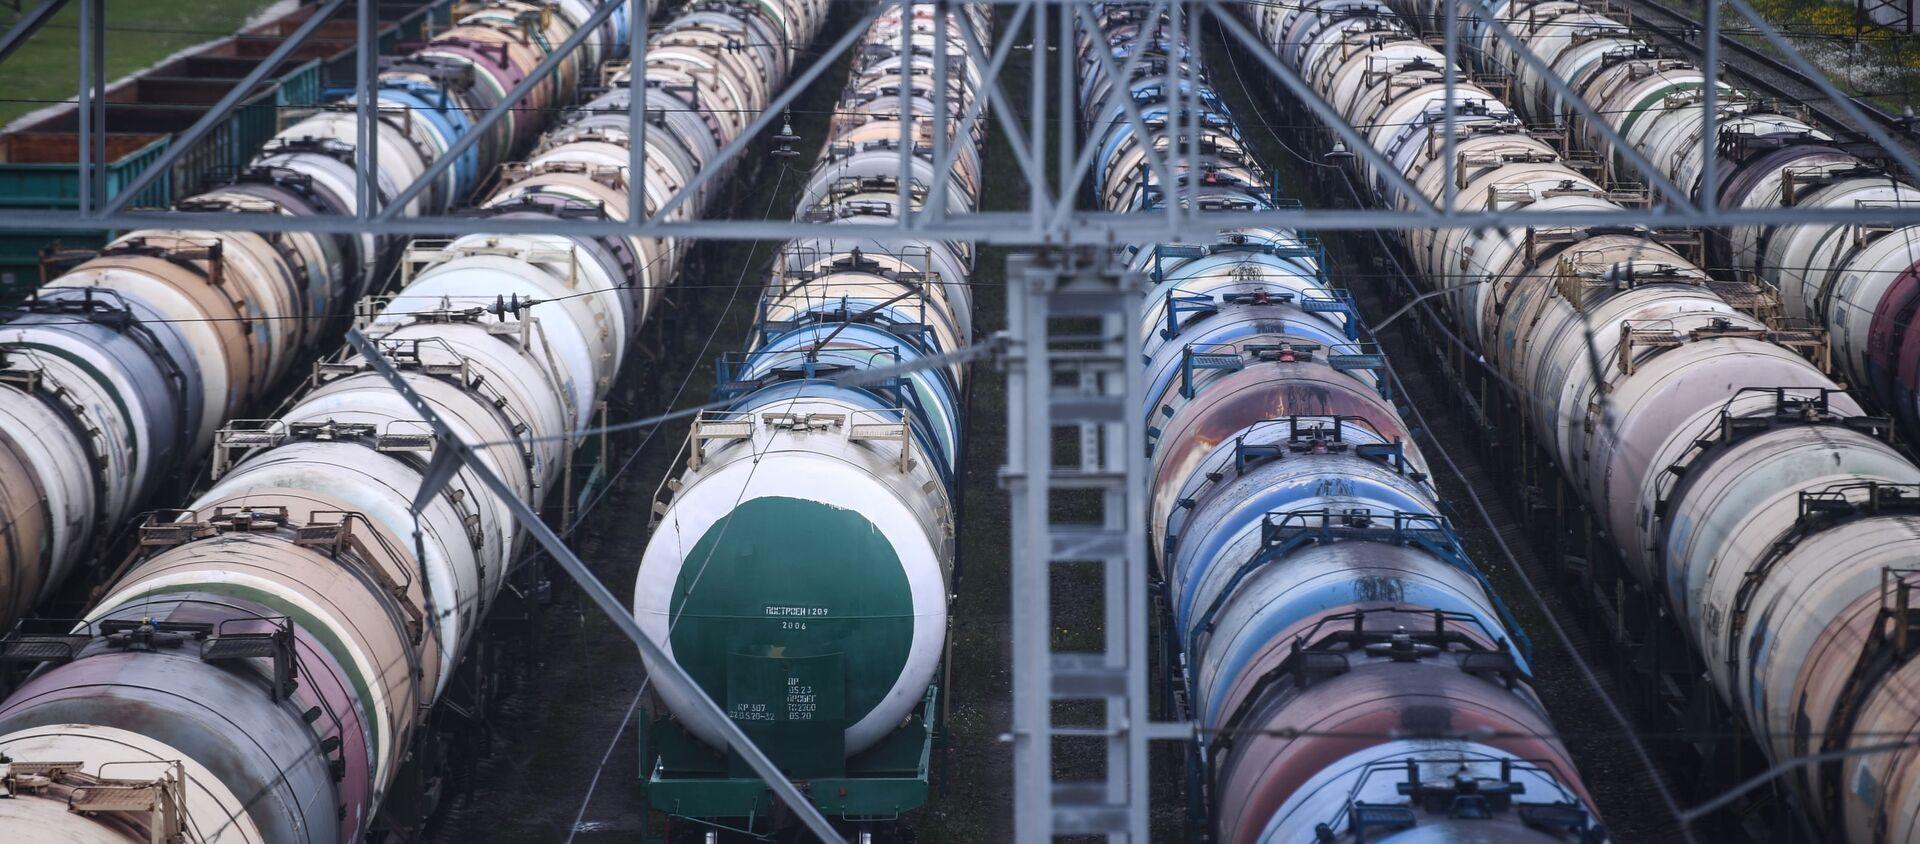 Cisternas para transportación de petróleo - Sputnik Mundo, 1920, 27.05.2020